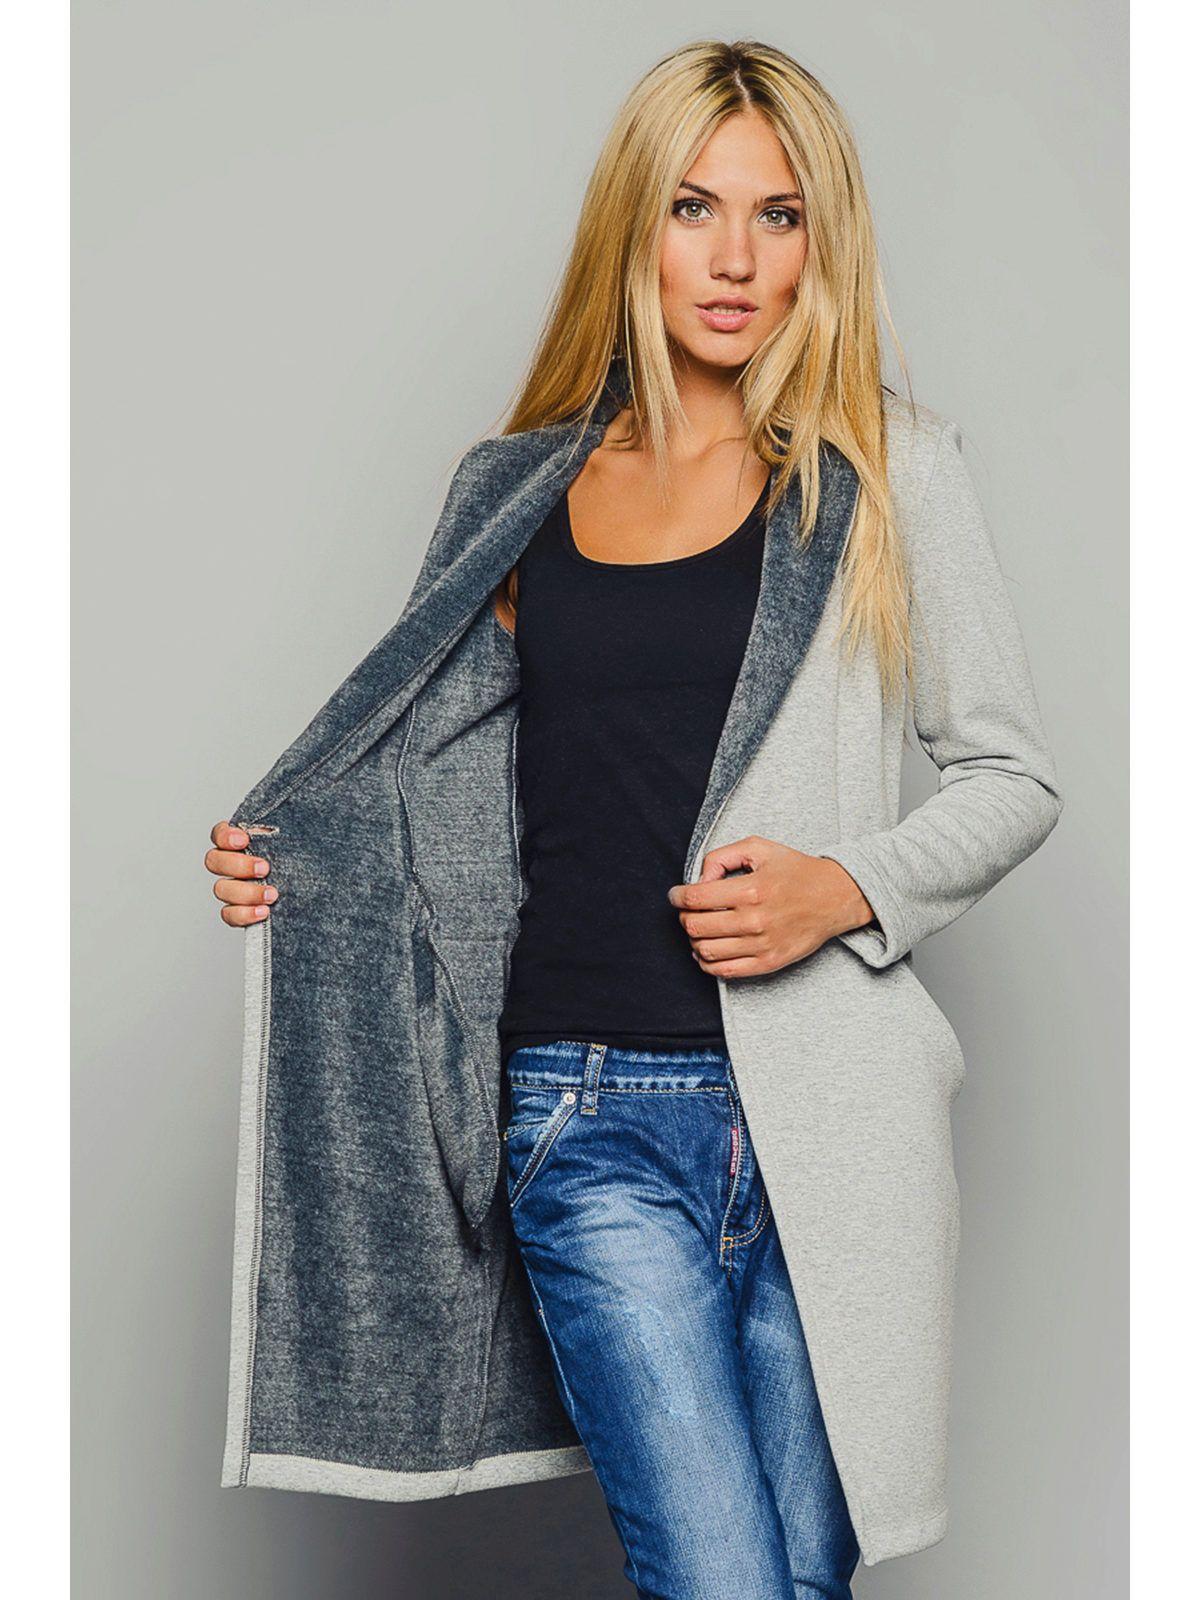 5a2479e0bfc4 Пальто-кардиган (118 фото): из плотного трикотажа, с чем носить женский